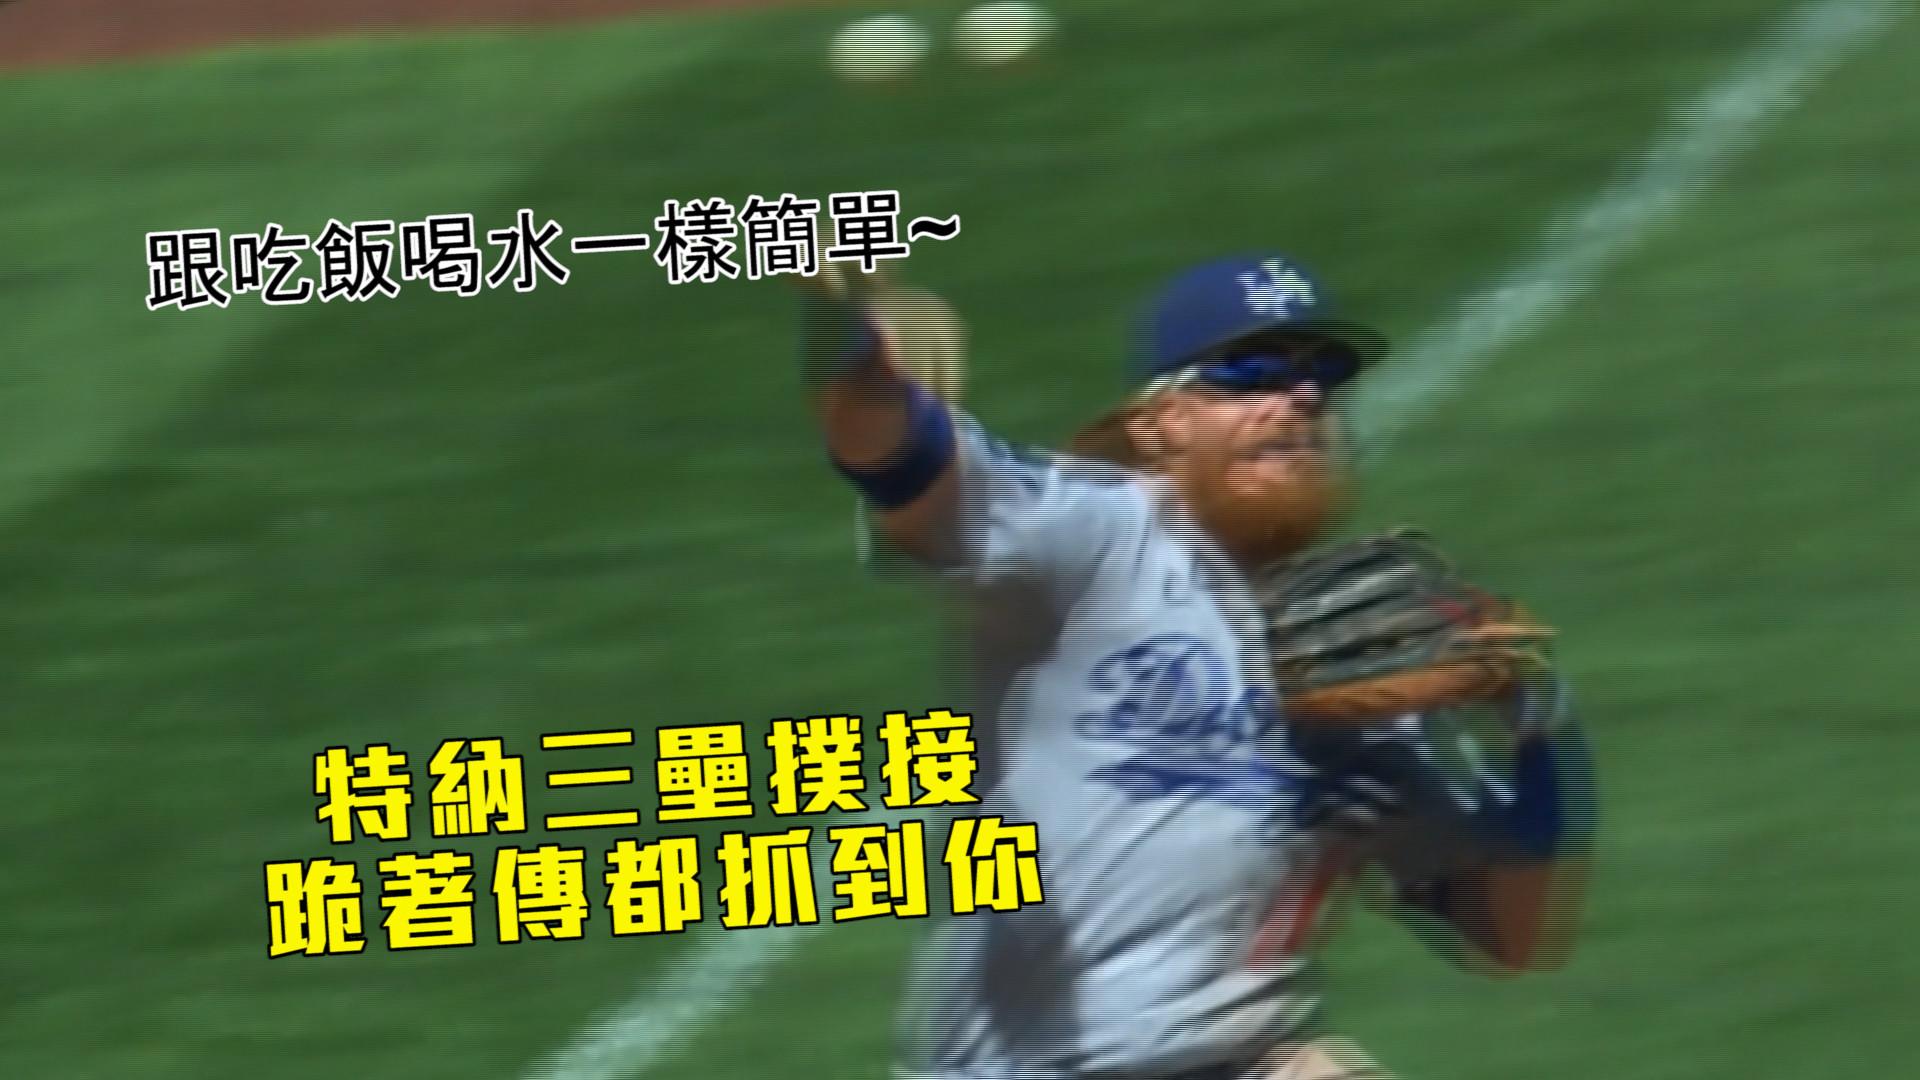 【MLB看愛爾達】MLB官方嚴選出品 五大精彩美技守備 09/10